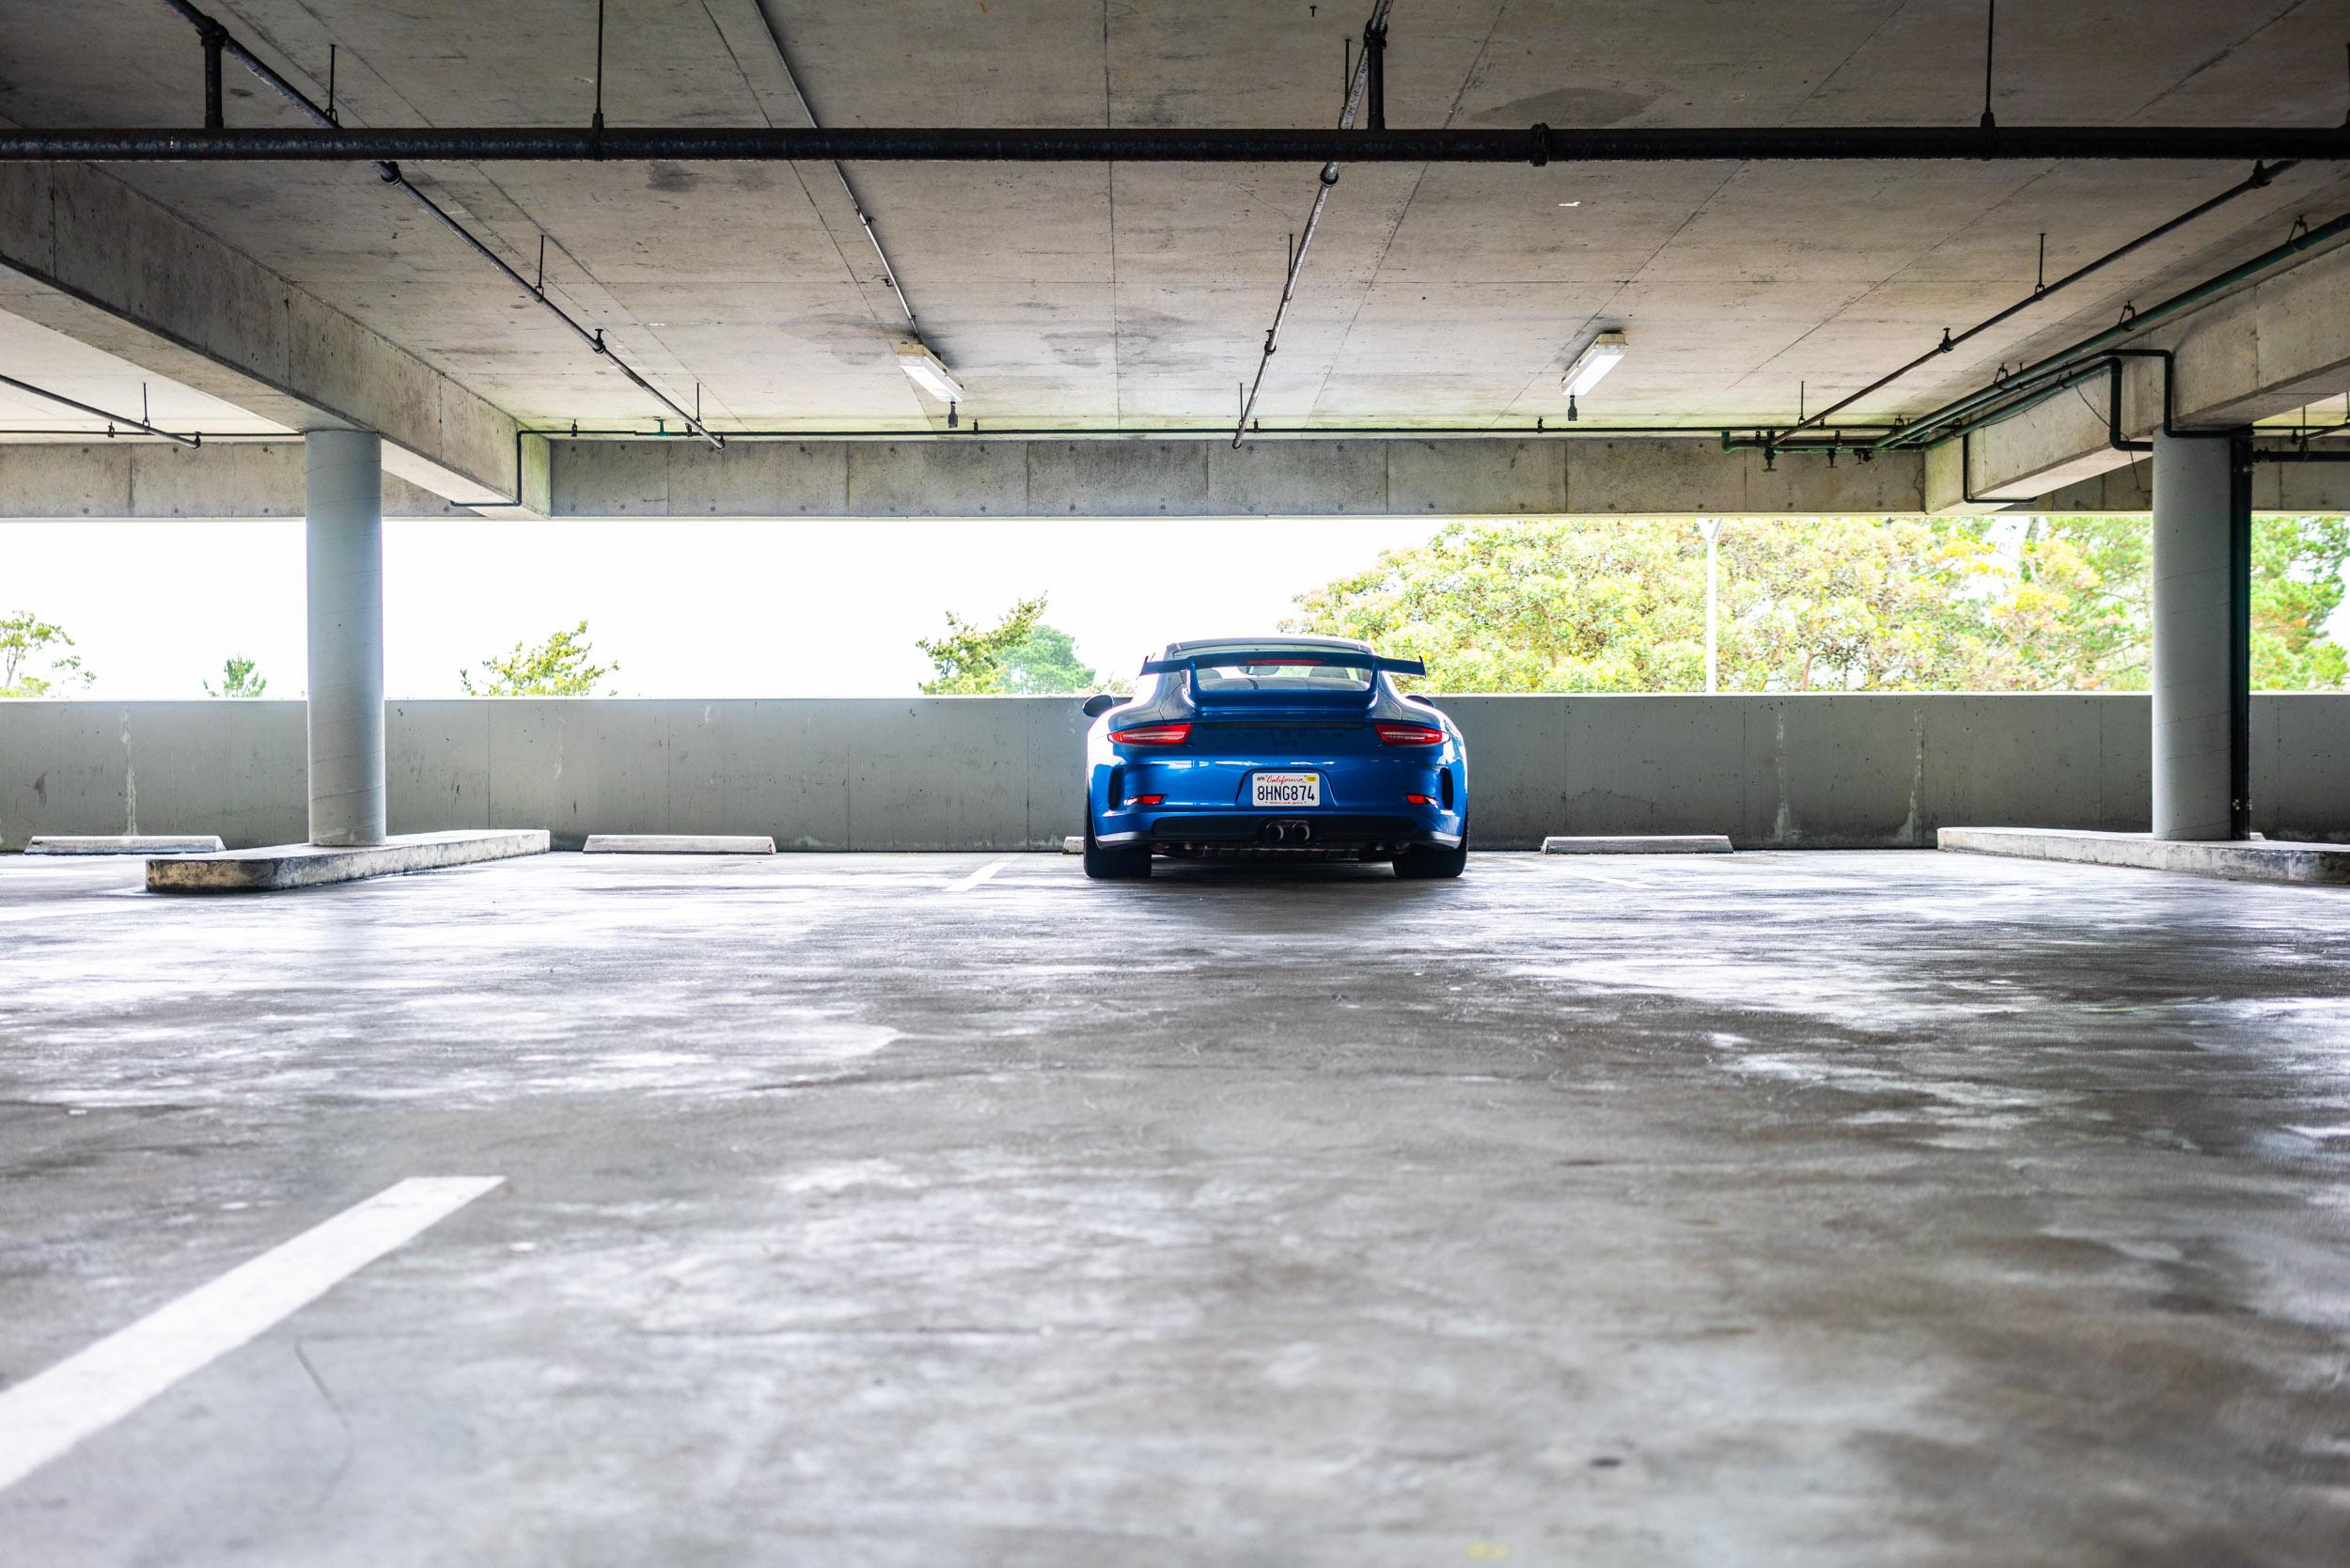 porsche-991-gt3-aaa-parking-lot.jpg